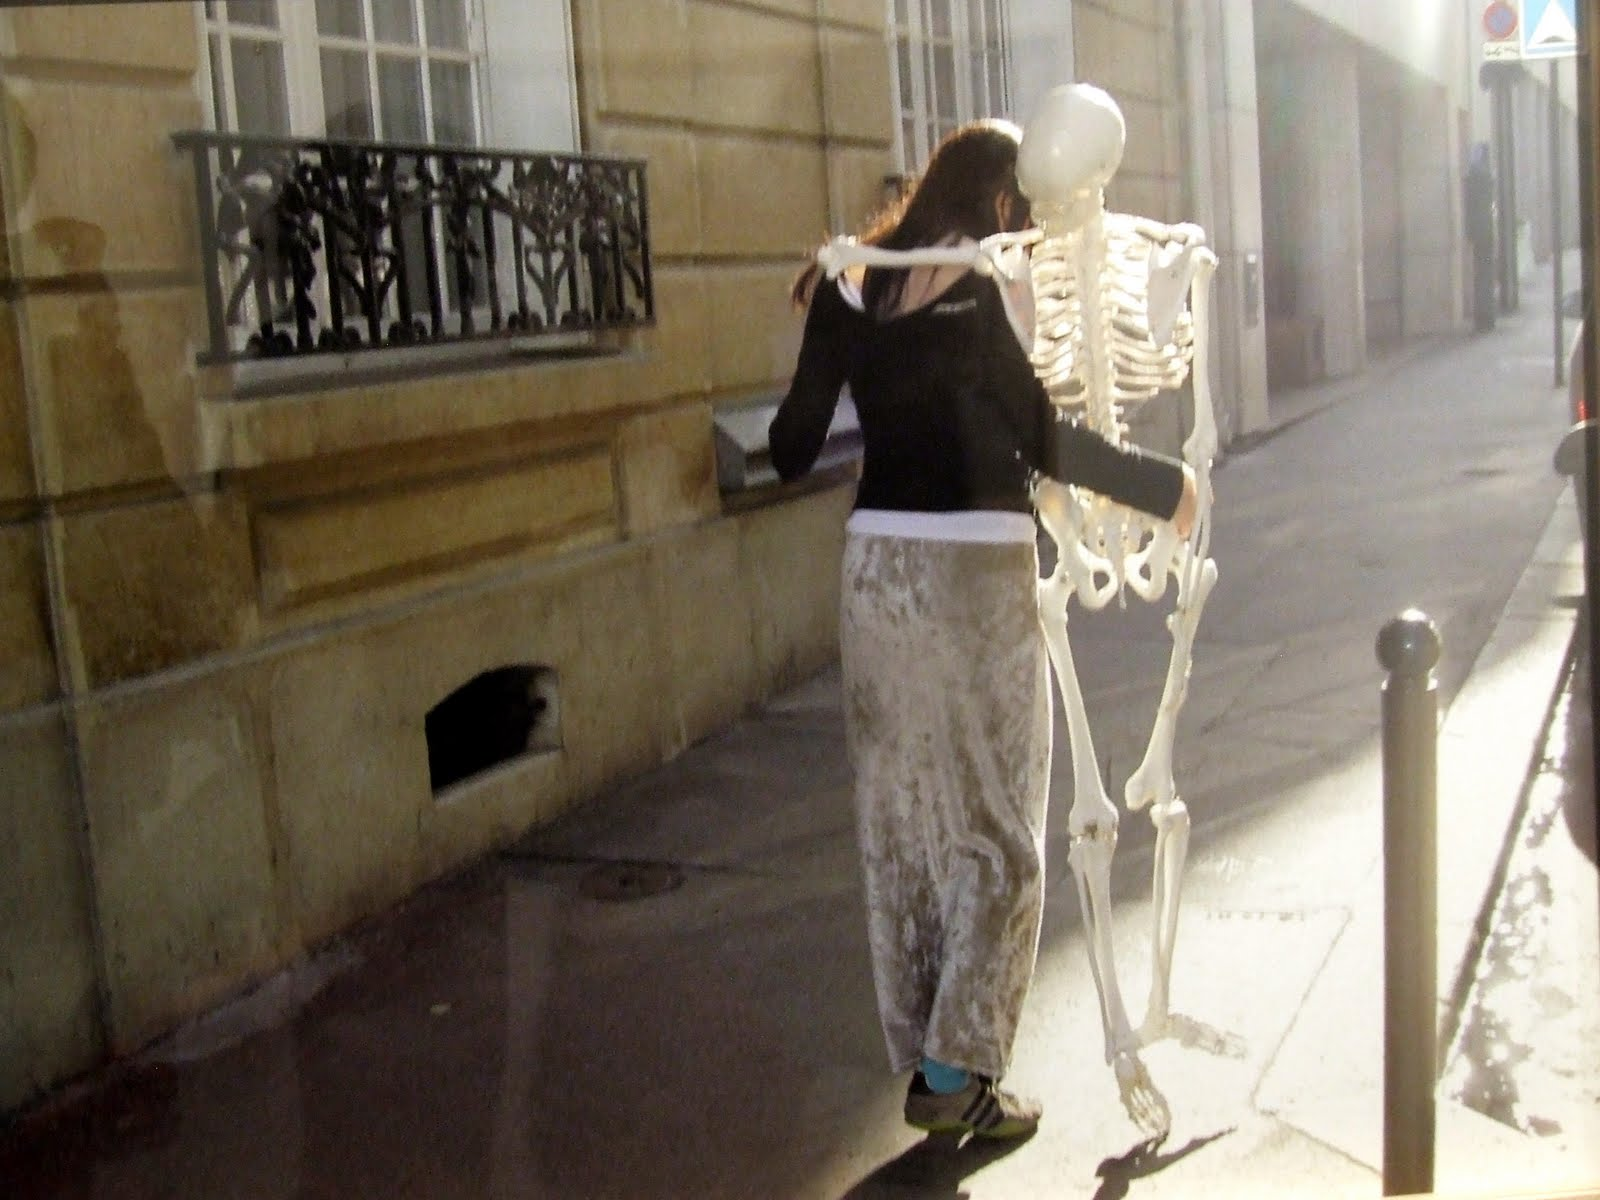 Exceptionnel le blog de guy: Les vanités dans l'art contemporain. WJ59